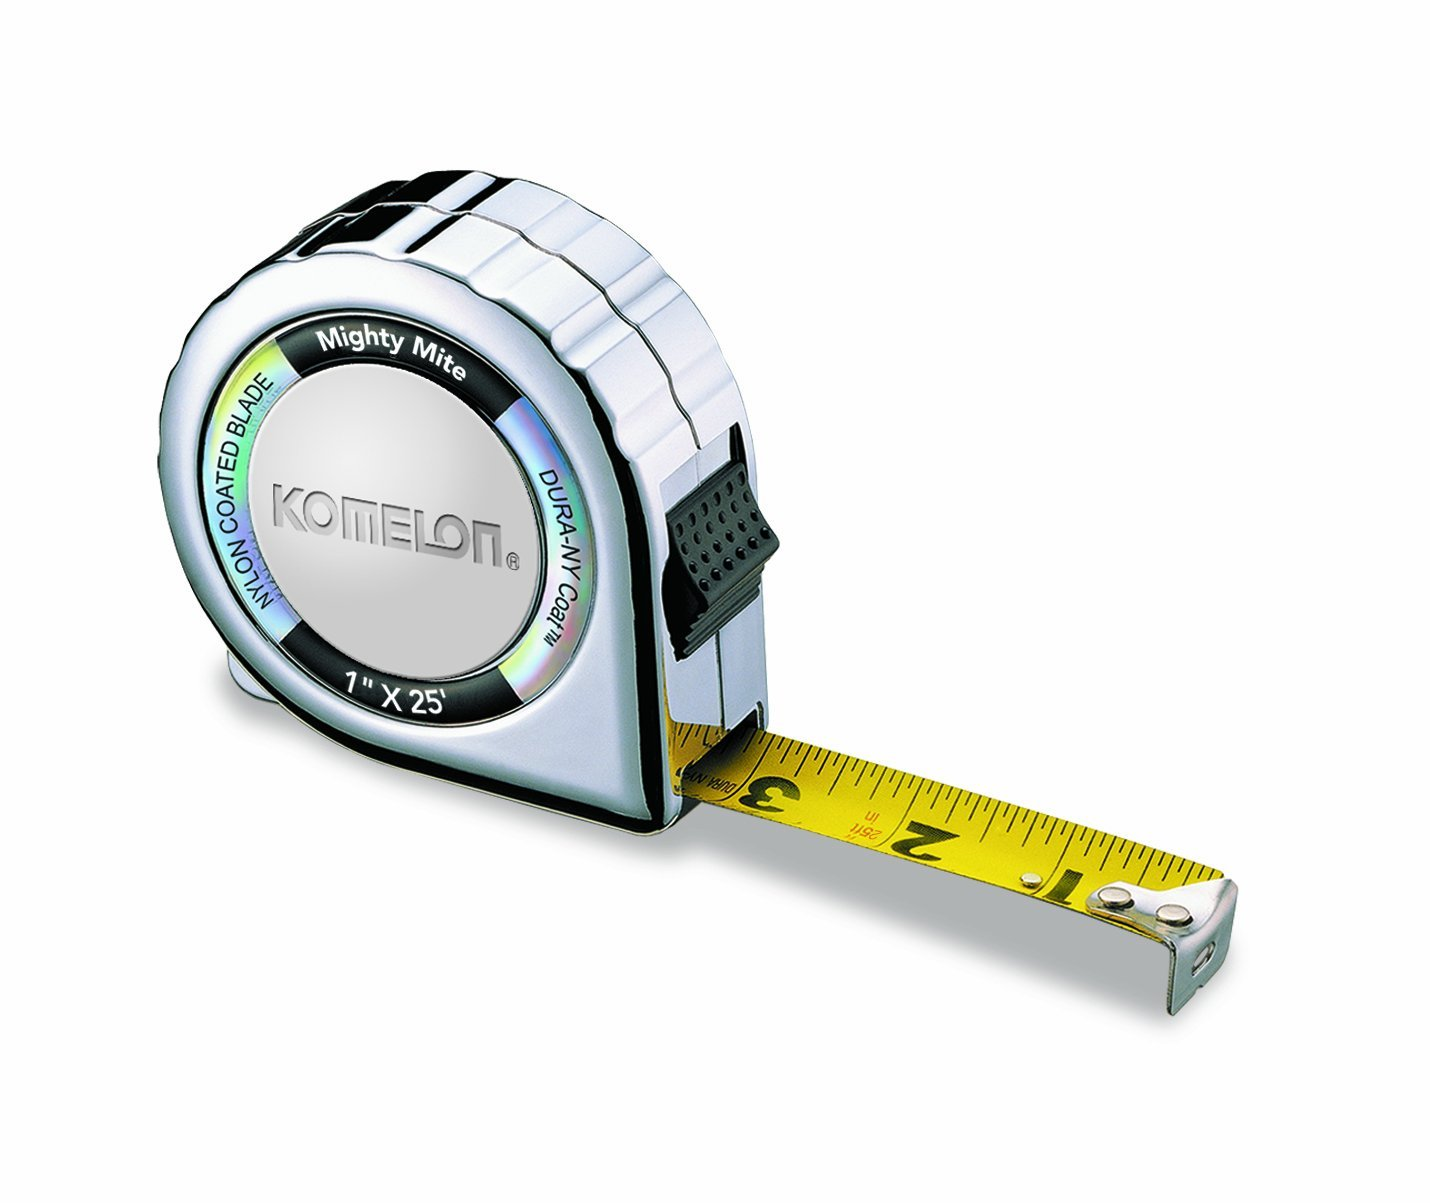 Komelon 525C Mighty Mite Tape Measure